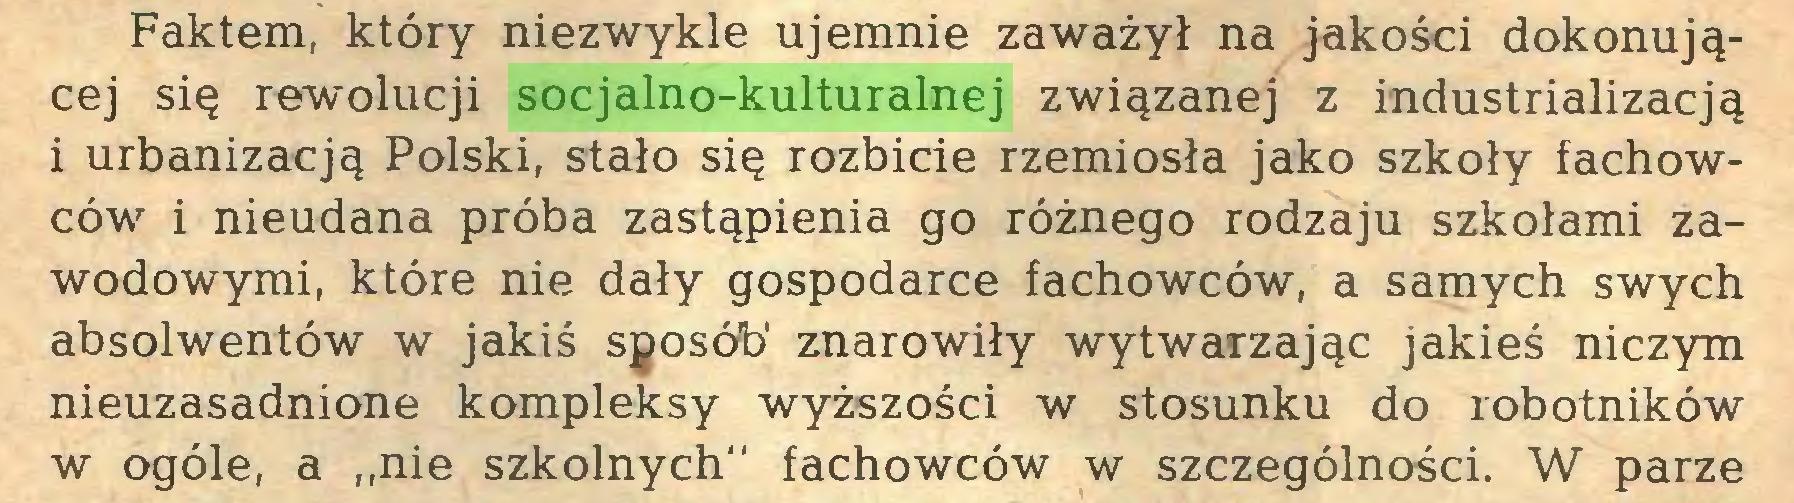 """(...) Faktem, który niezwykle ujemnie zaważył na jakości dokonującej się rewolucji socjalno-kulturalnej związanej z industrializacją i urbanizacją Polski, stało się rozbicie rzemiosła jako szkoły fachowców i nieudana próba zastąpienia go różnego rodzaju szkołami zawodowymi, które nie dały gospodarce fachowców, a samych swych absolwentów w jakiś sposób' znarowiły wytwarzając jakieś niczym nieuzasadnione kompleksy wyższości w stosunku do robotników w ogóle, a """"nie szkolnych"""" fachowców w szczególności. W parze..."""